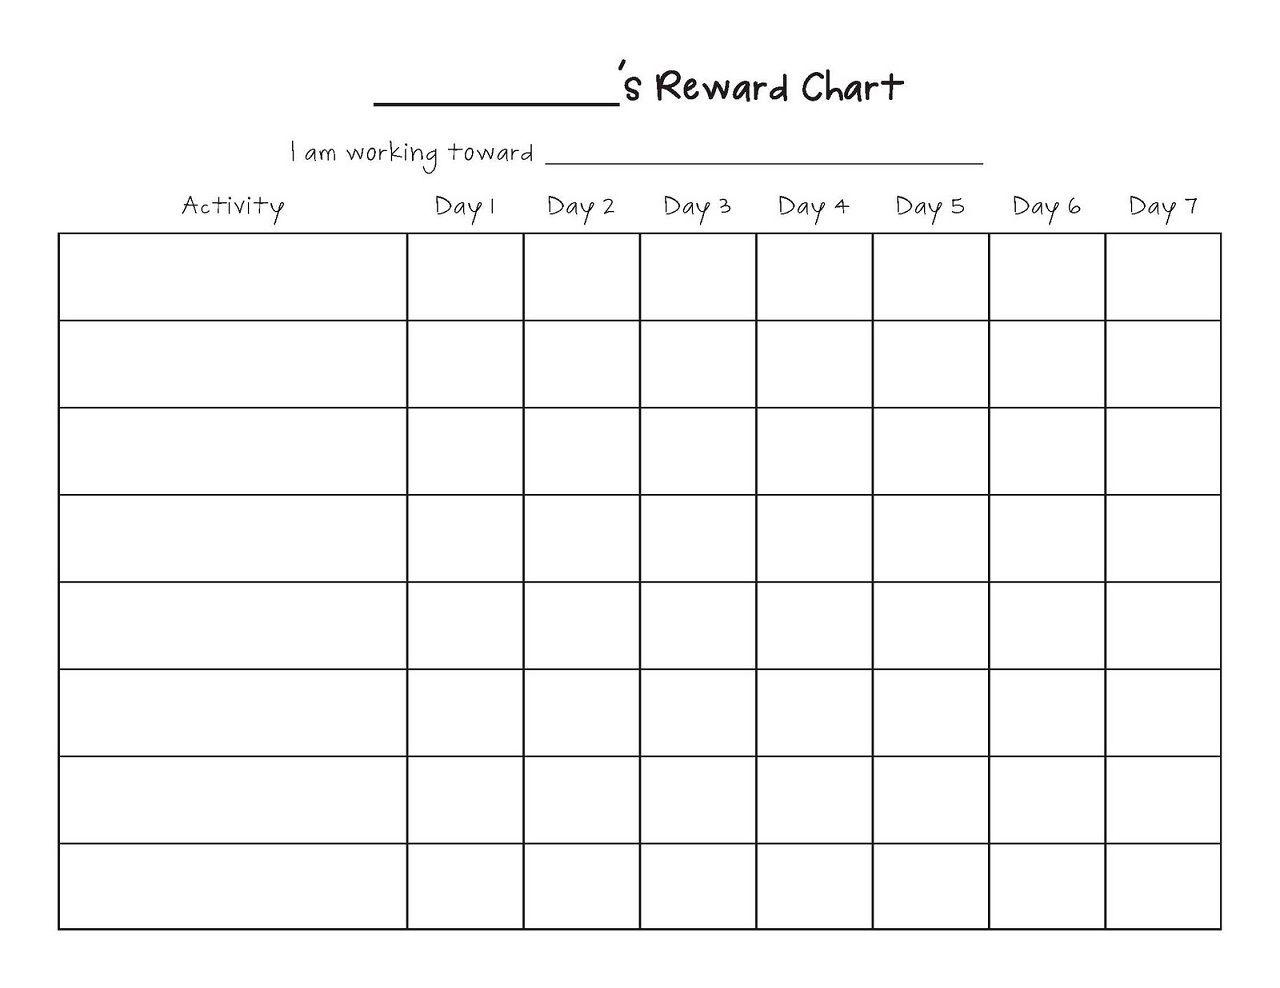 Printable Reward Chart Template | Printable Reward Charts Template - Free Printable Reward Charts